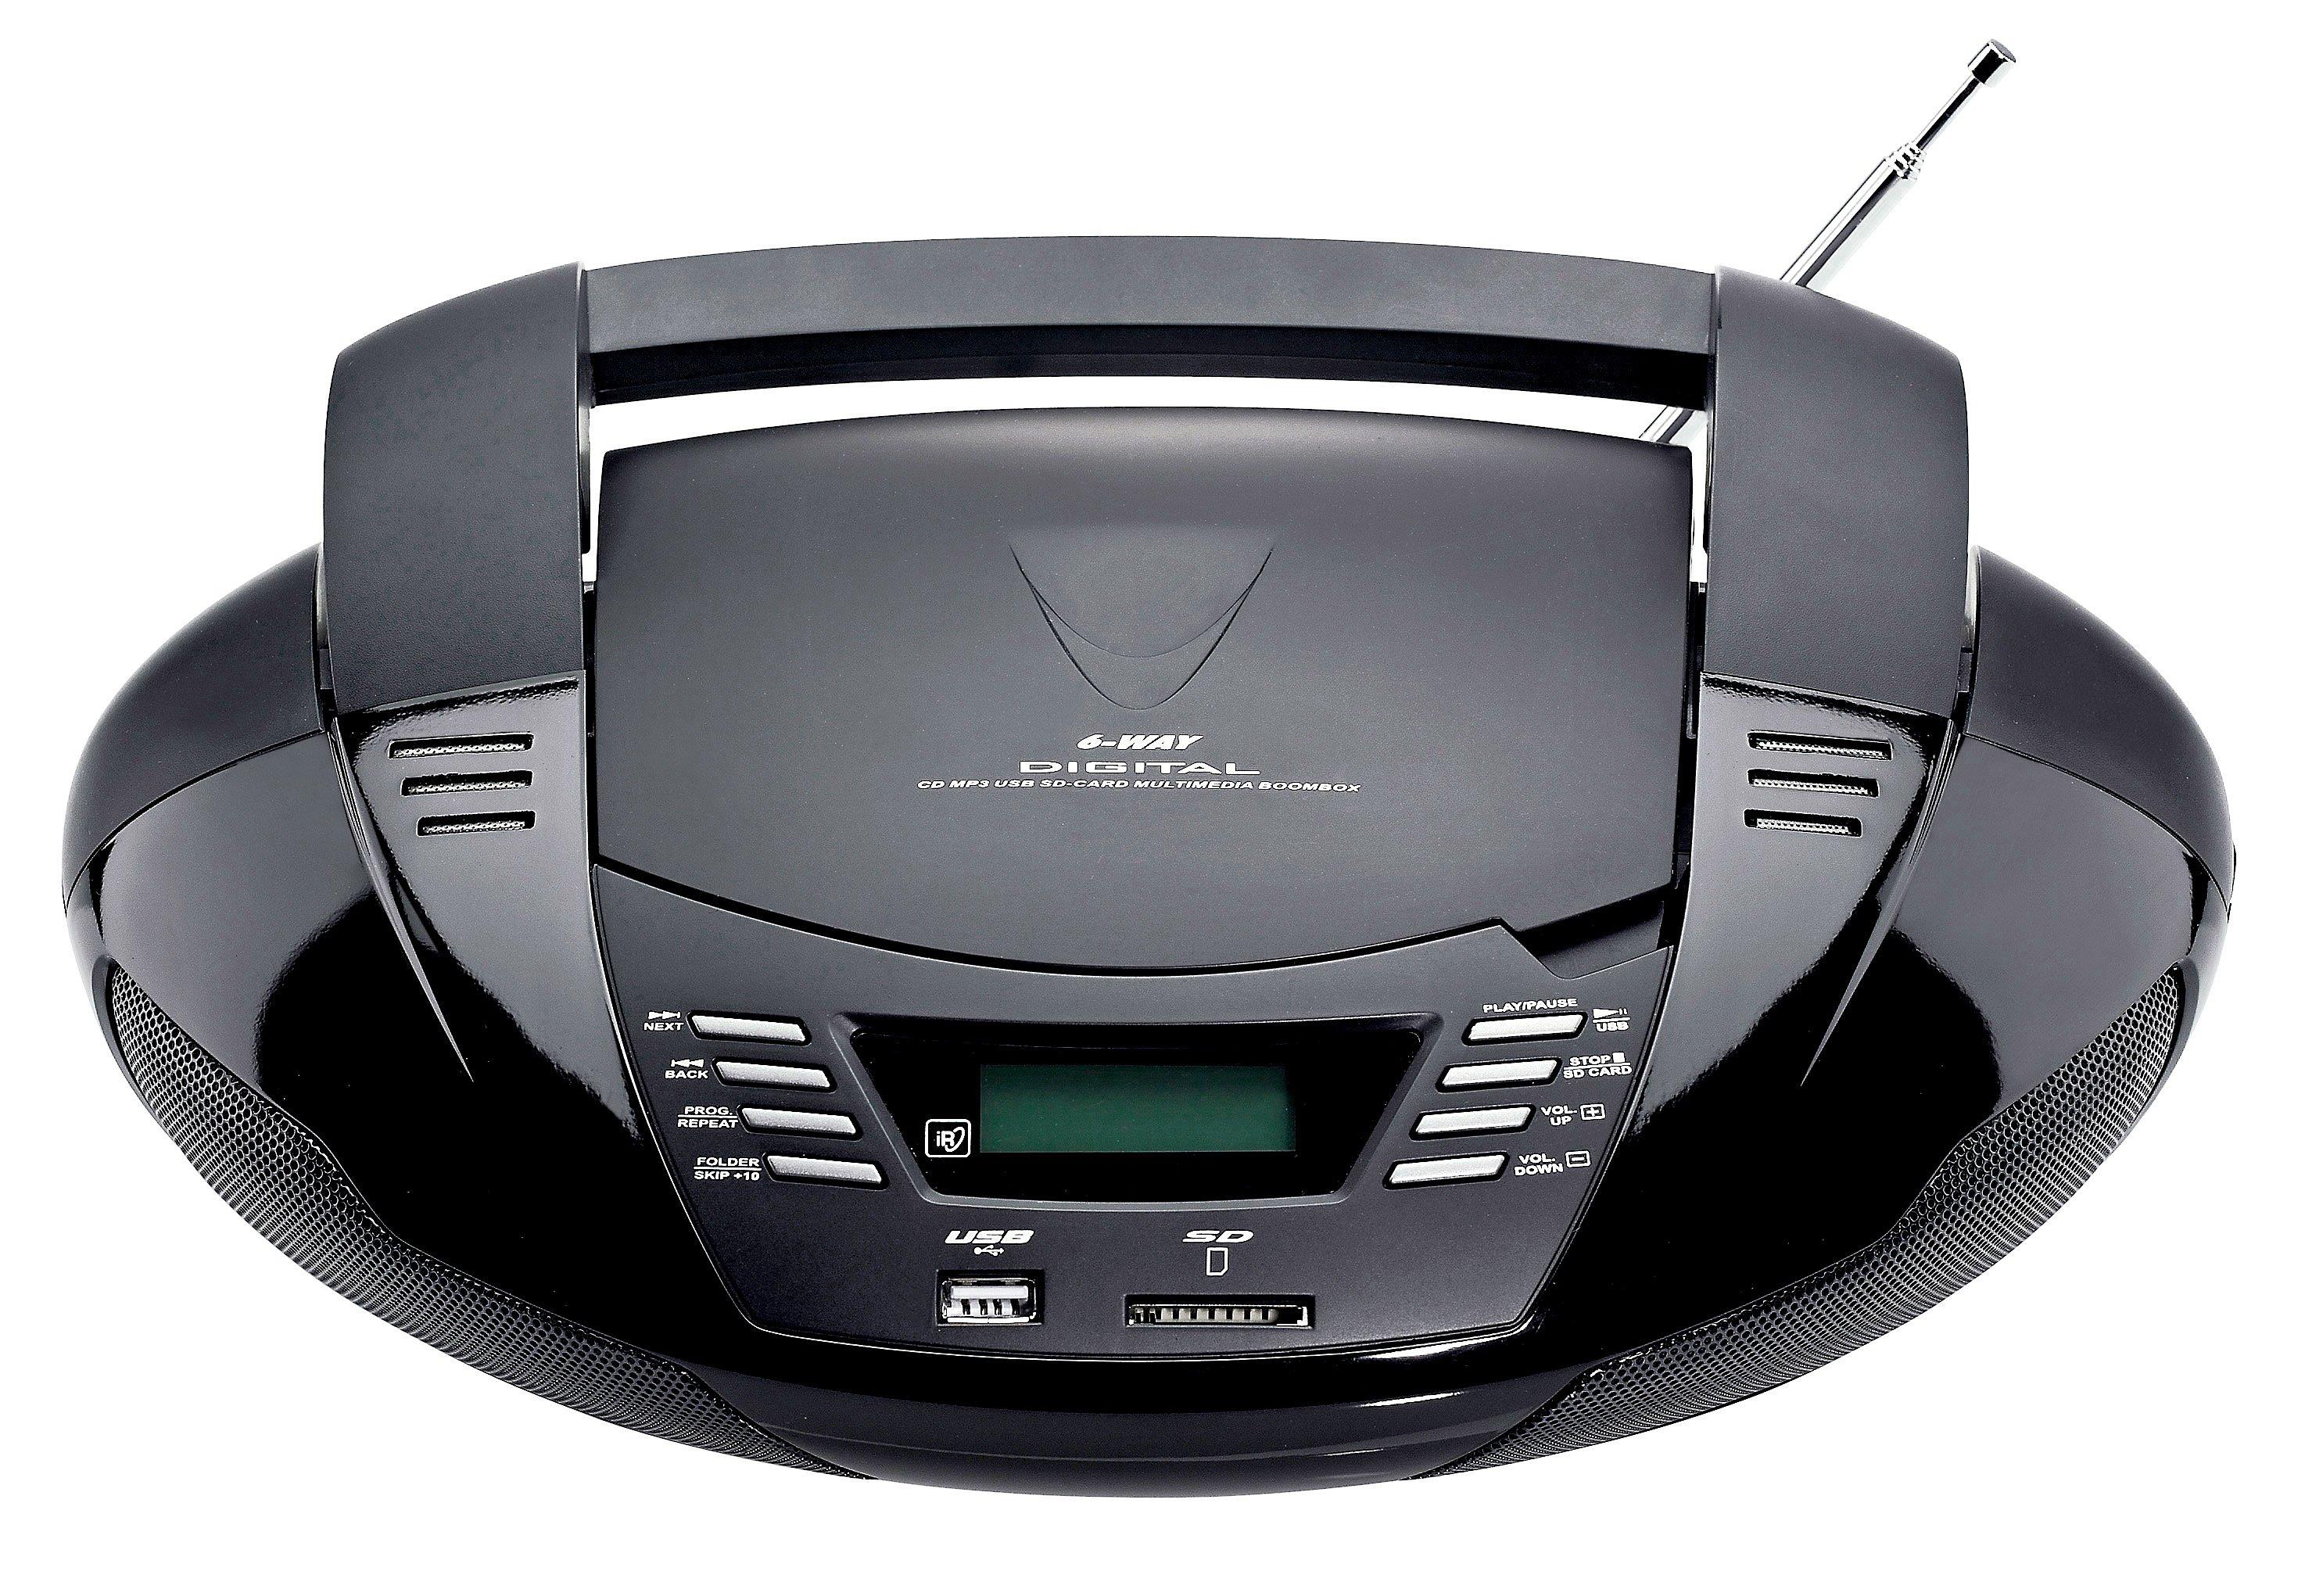 tragbarer cd player radio mit usb jetzt bei bestellen. Black Bedroom Furniture Sets. Home Design Ideas